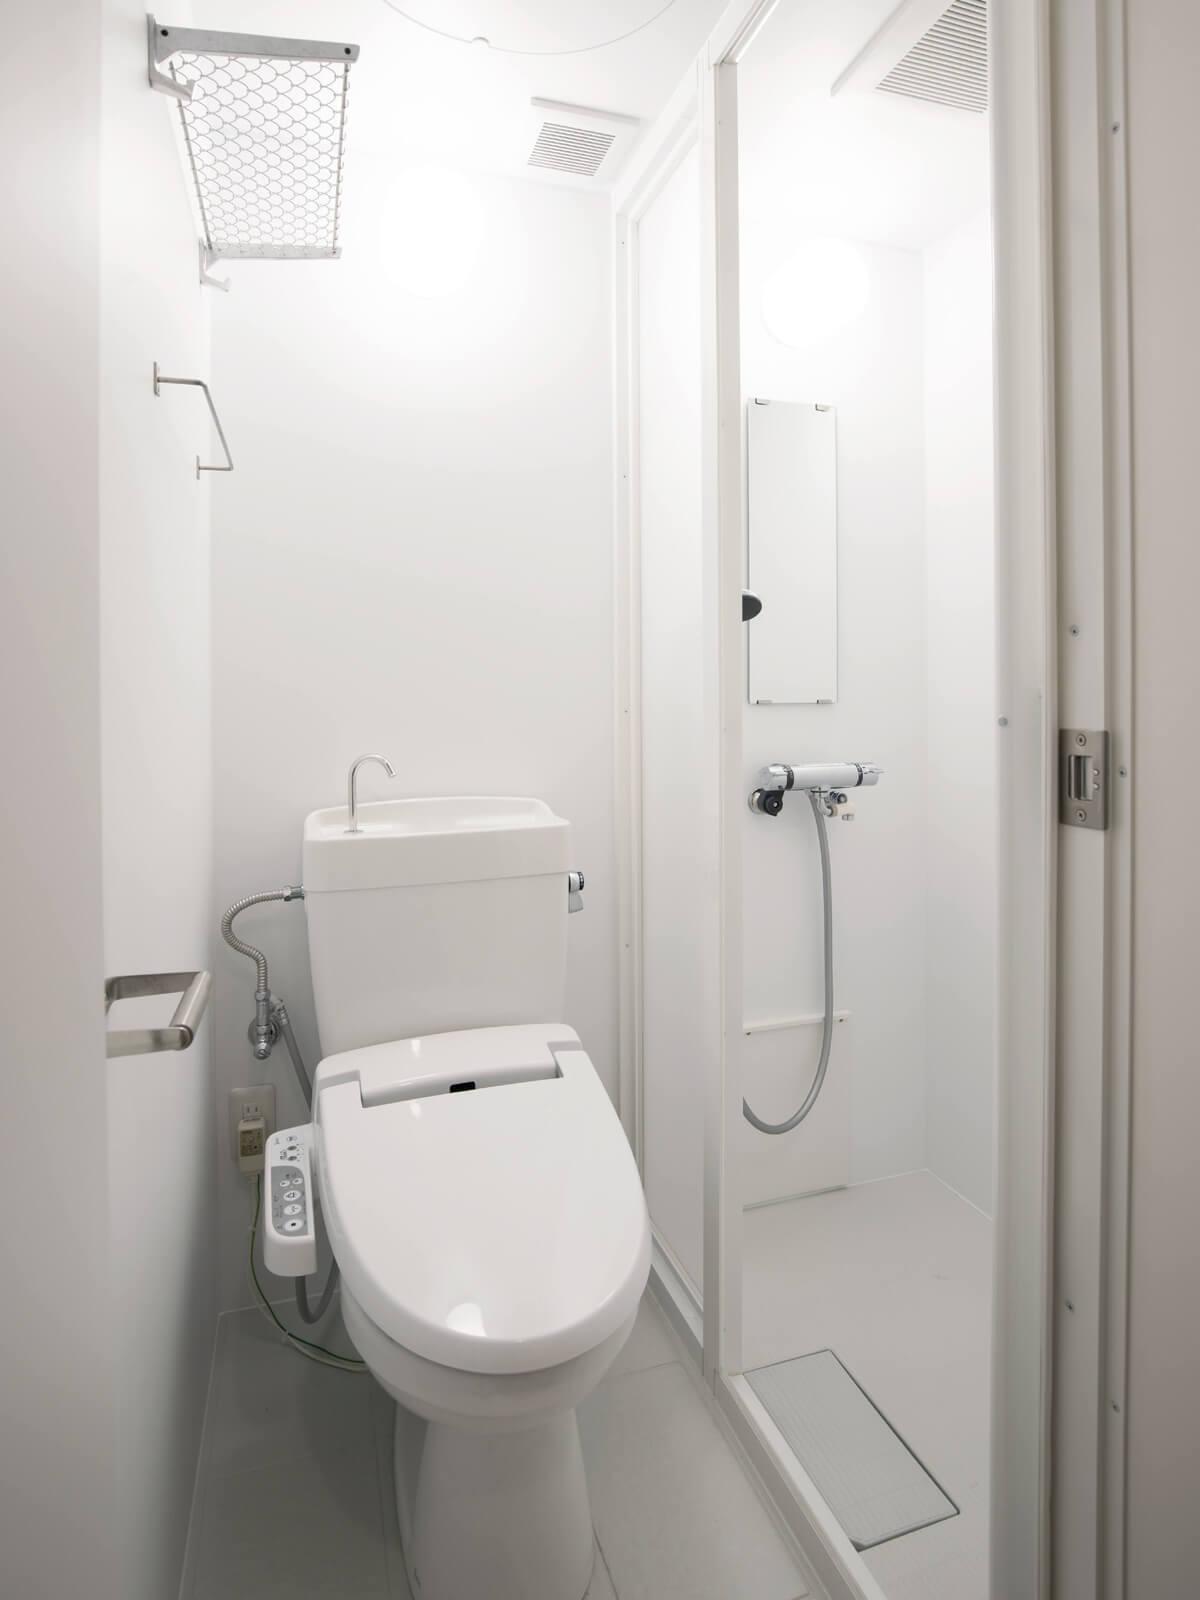 潔く浴槽なし!シャワー&トイレユニット